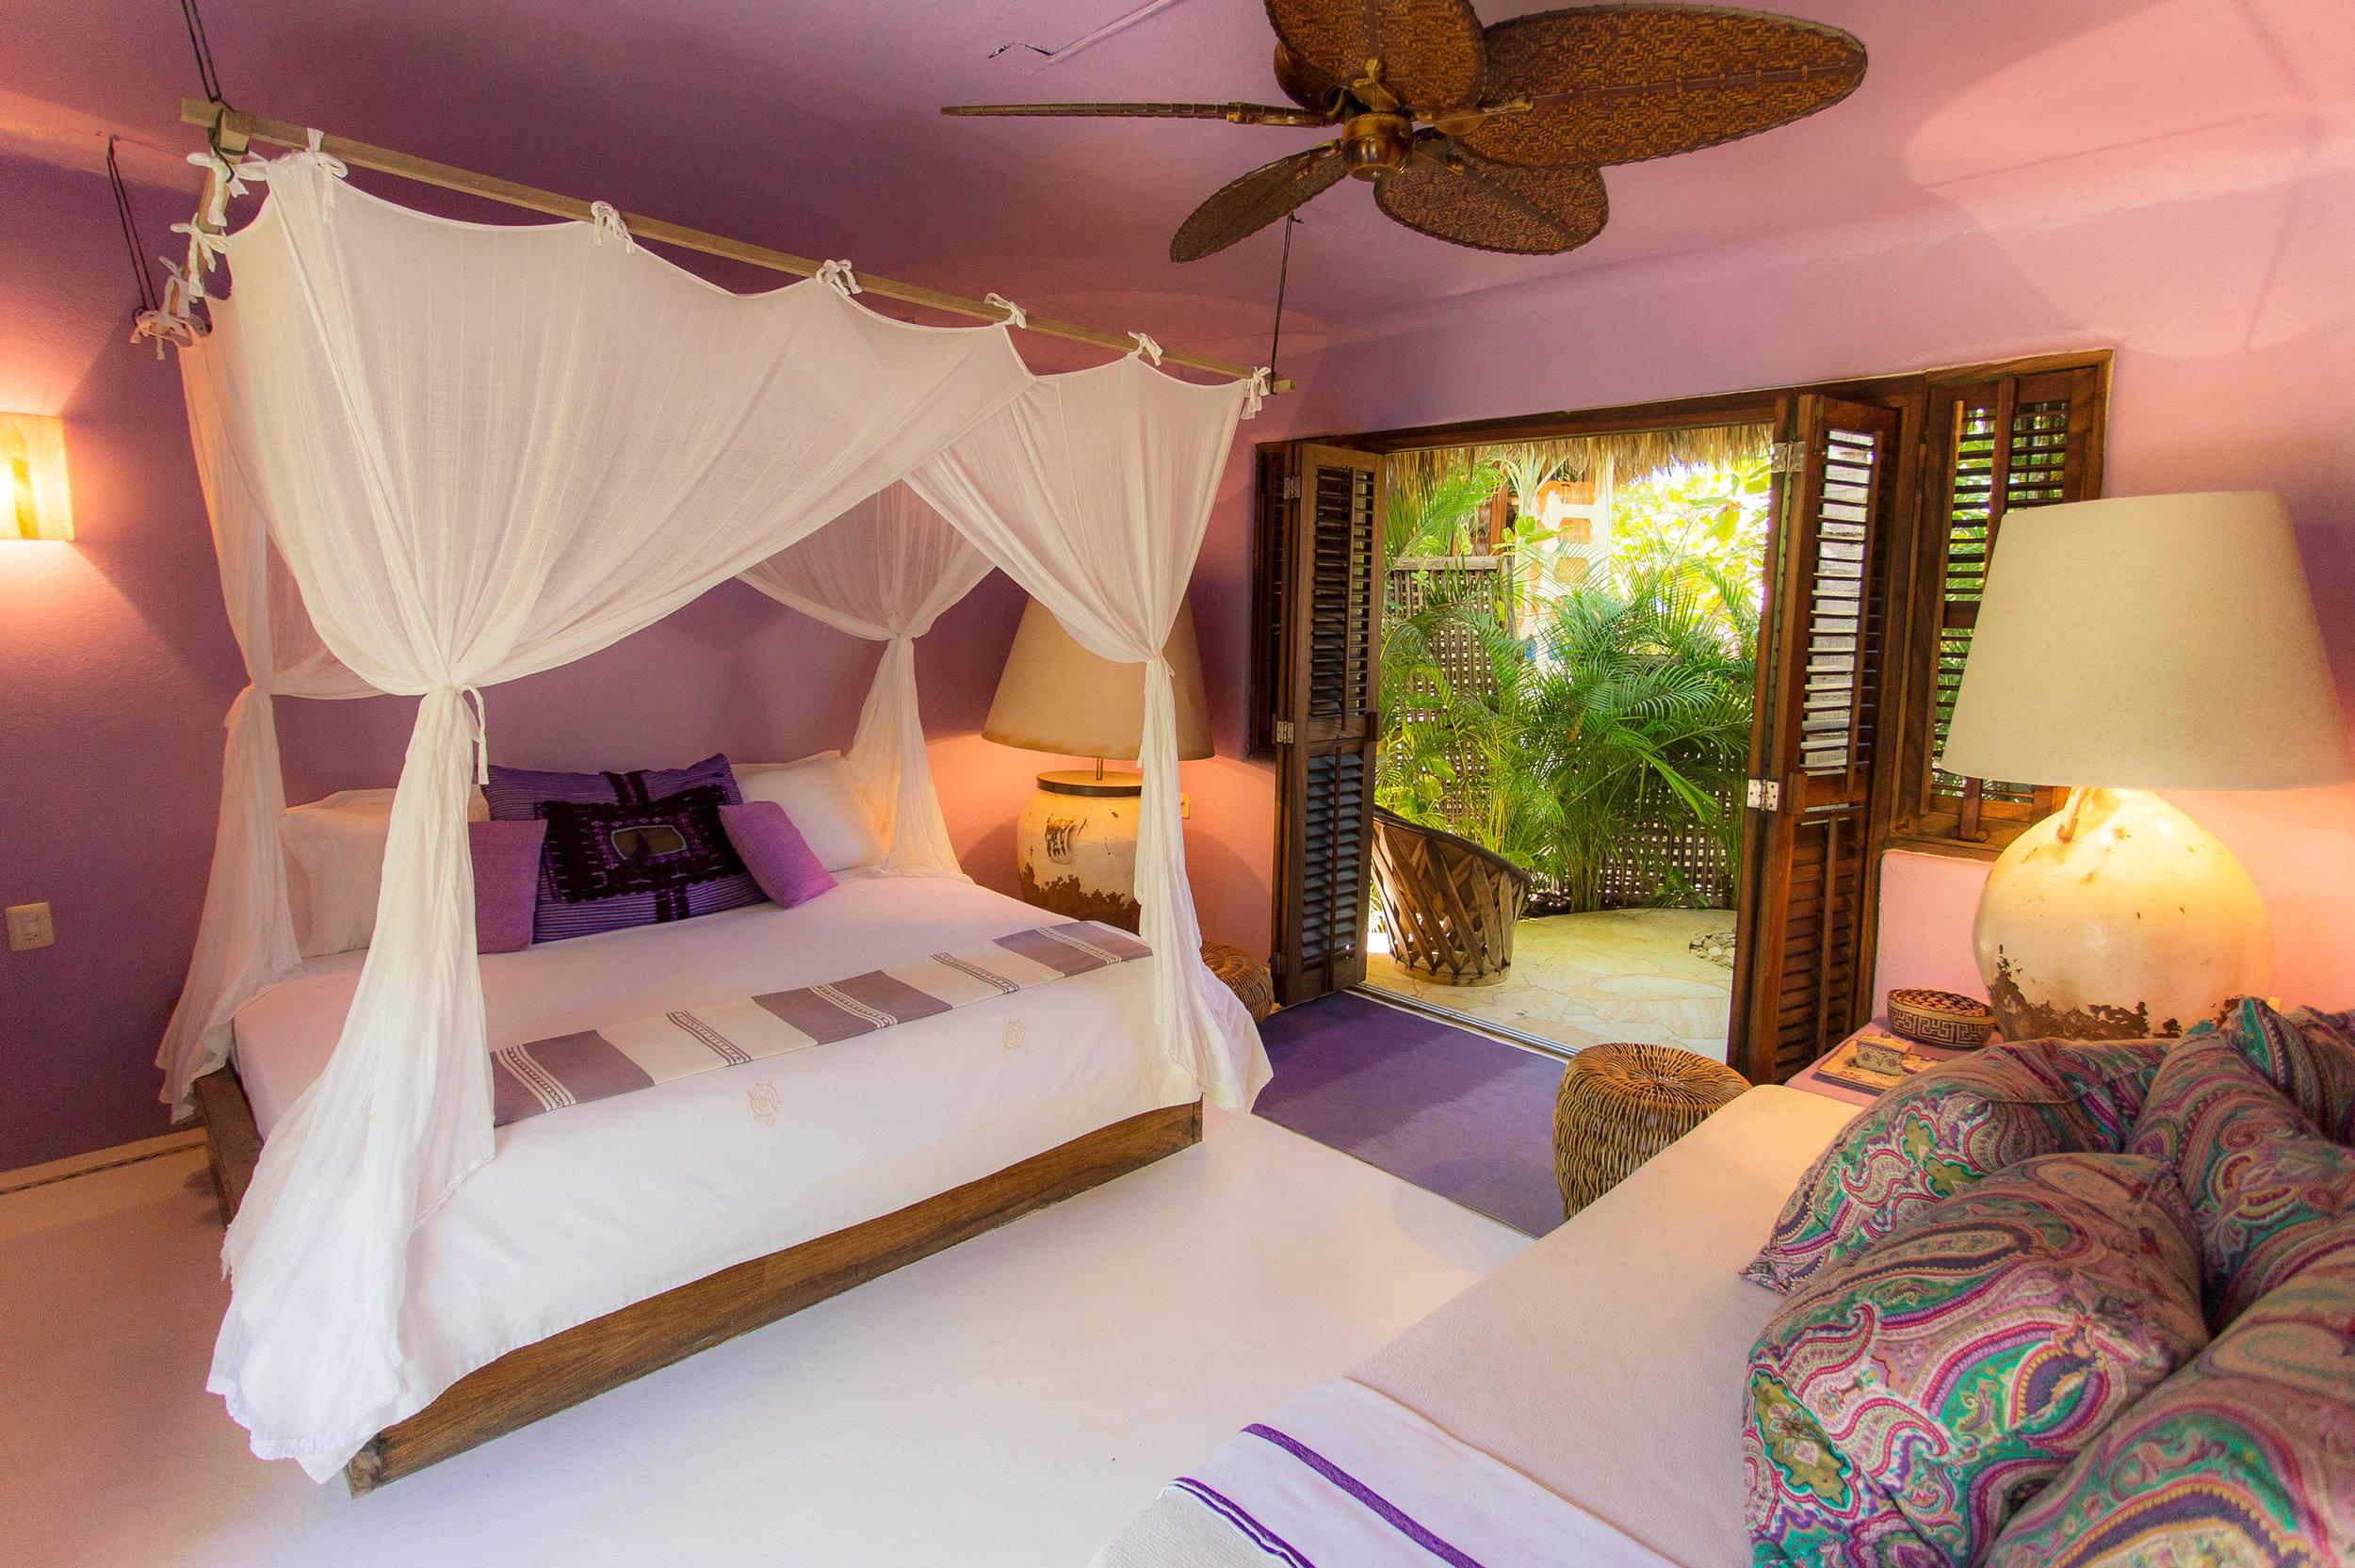 casa-descalza-rental-room3-garden-view-mexico.jpg